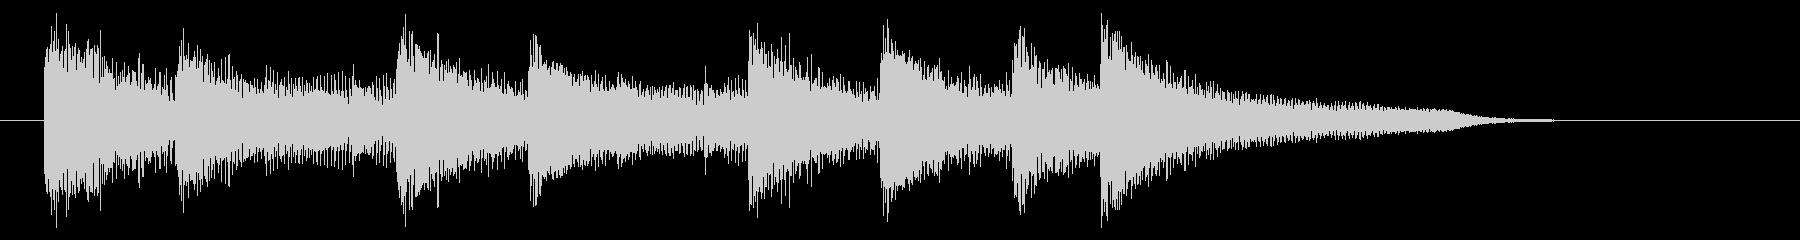 爽やかで勢いのあるピアノジングル 8秒の未再生の波形